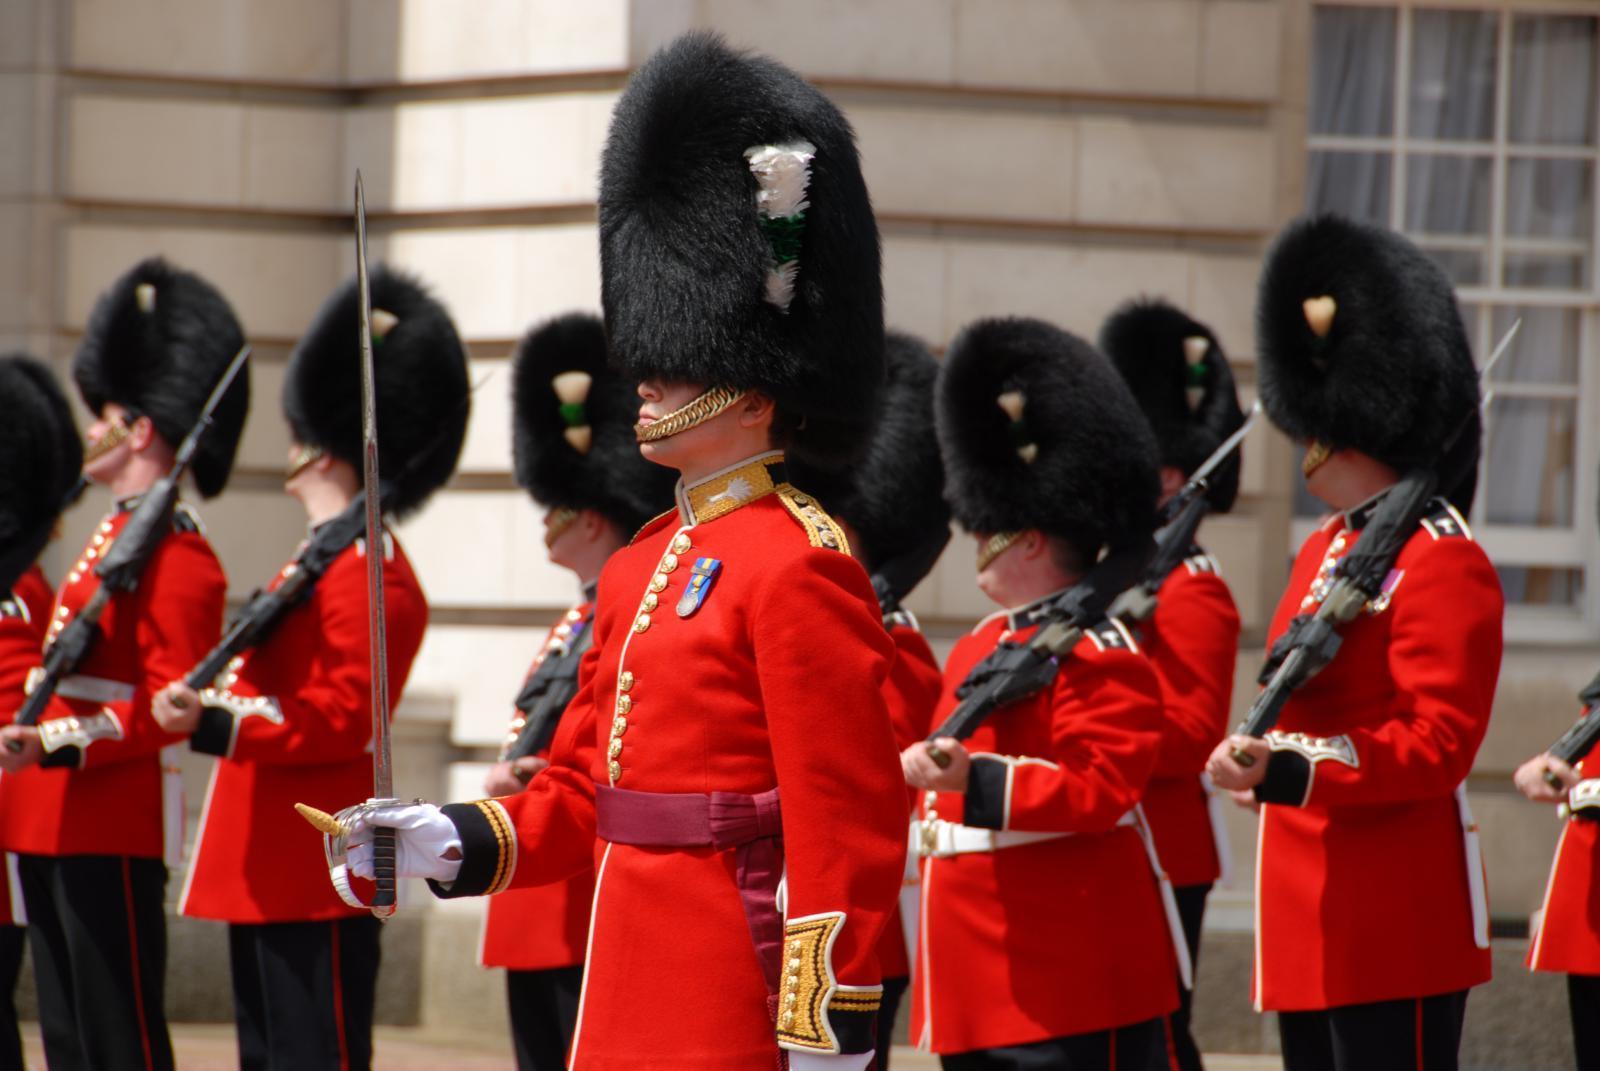 Die königliche Zeremonie des Wachenwechsels in London auch Changing the Guard genannt